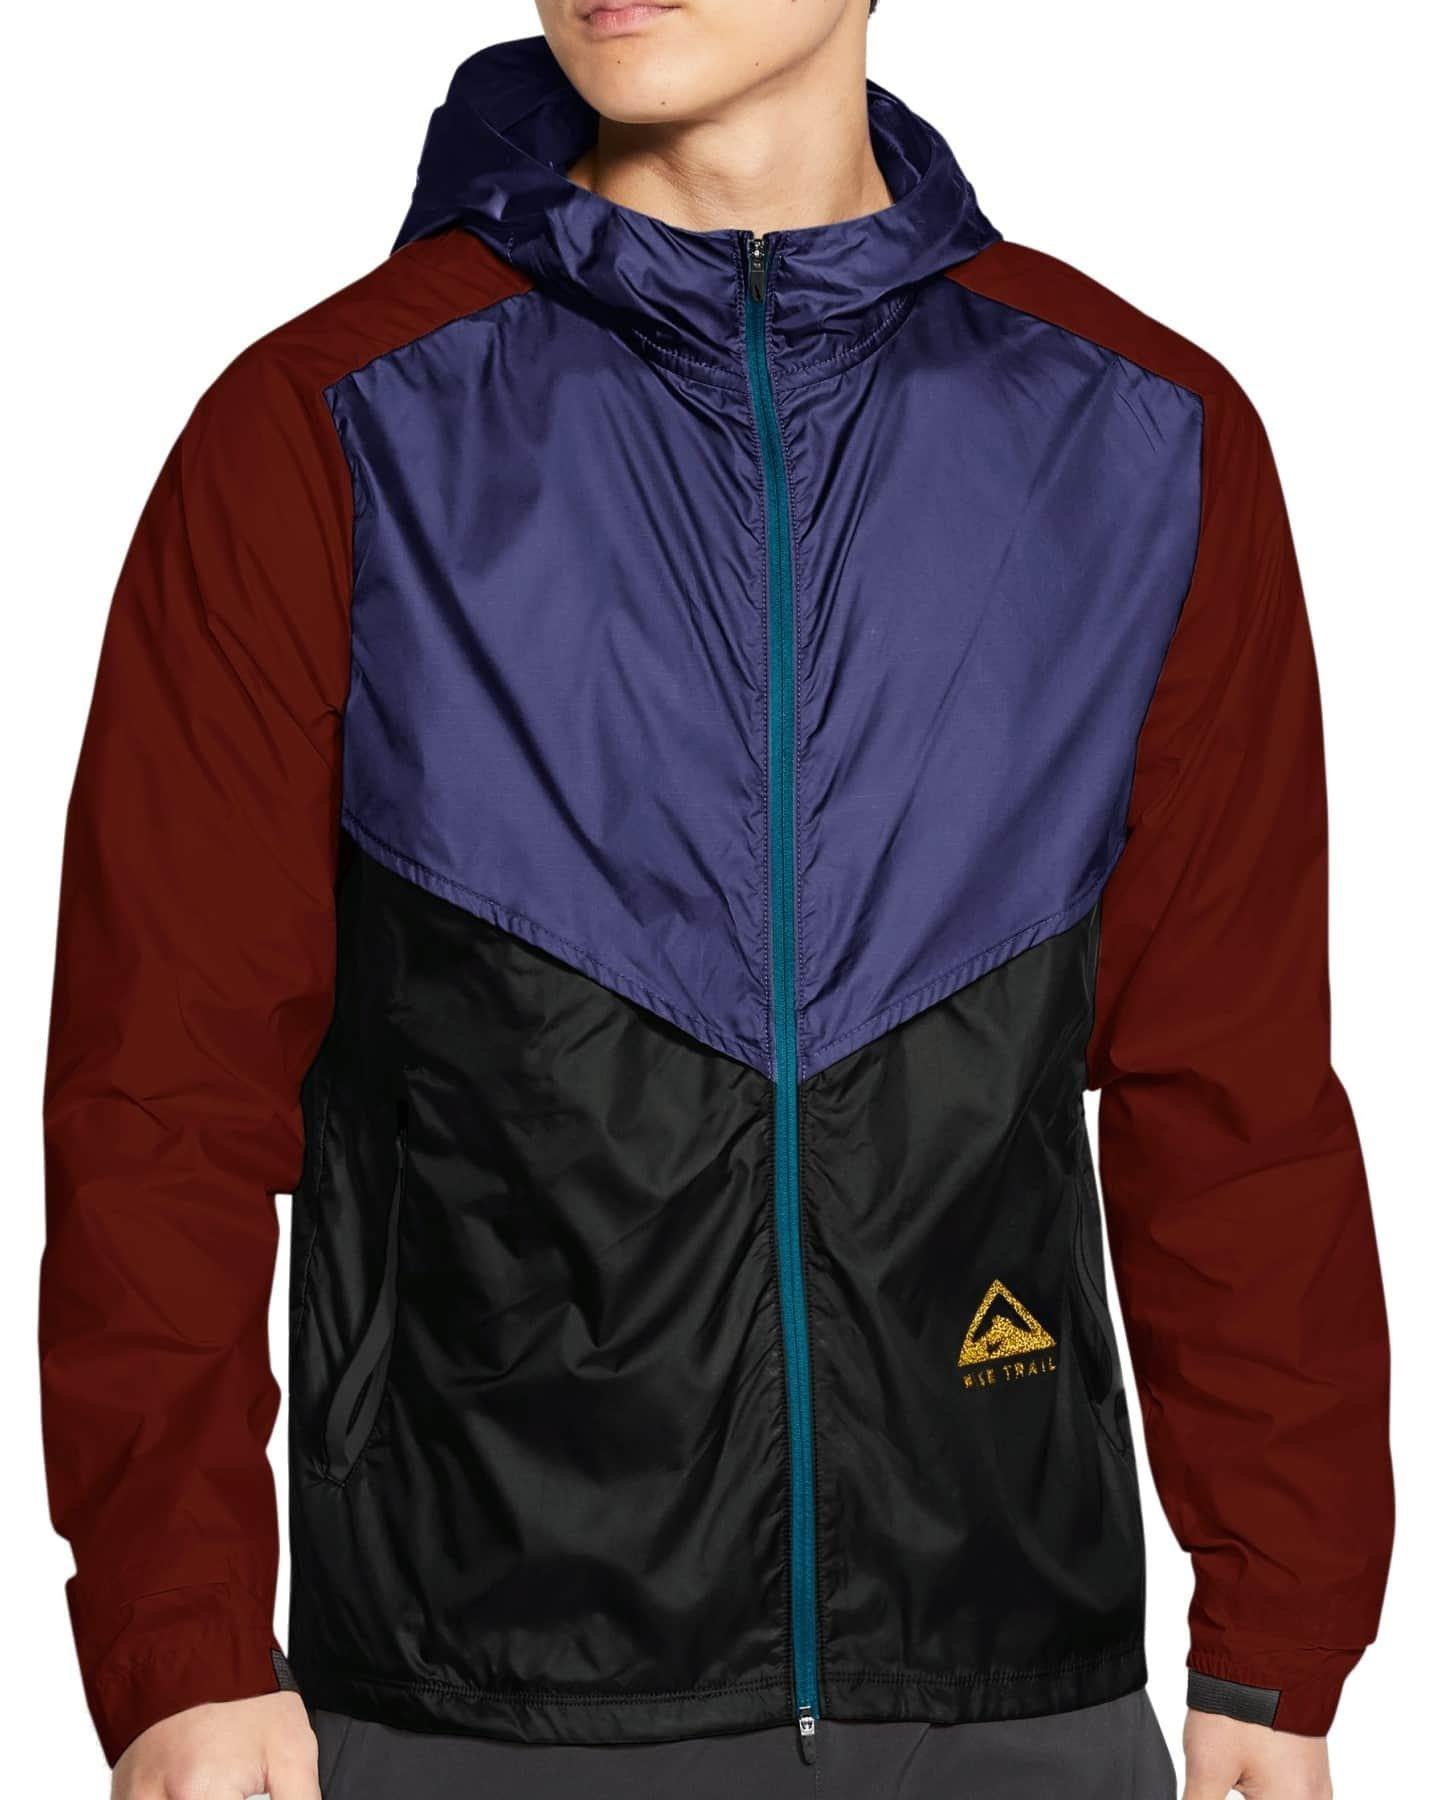 Nike Windrunner Trail Running Jacket M S